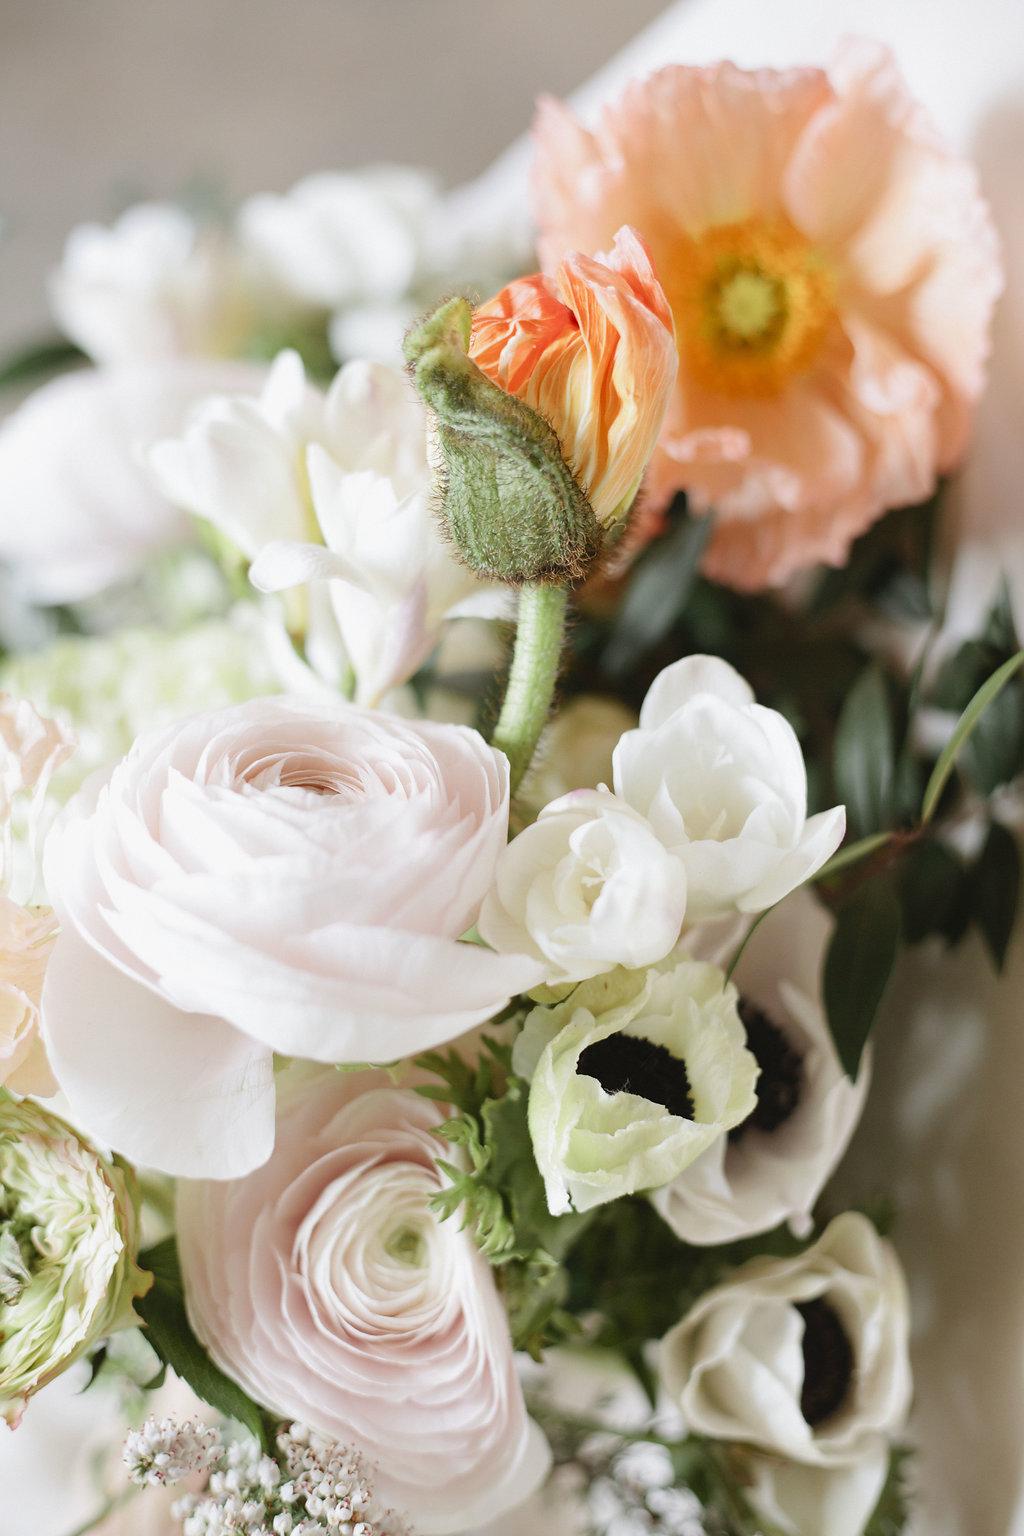 Fiori Matrimonio.Fiori Matrimonio Abiti Da Sposa E Cerimonia Torino Elena Pignata